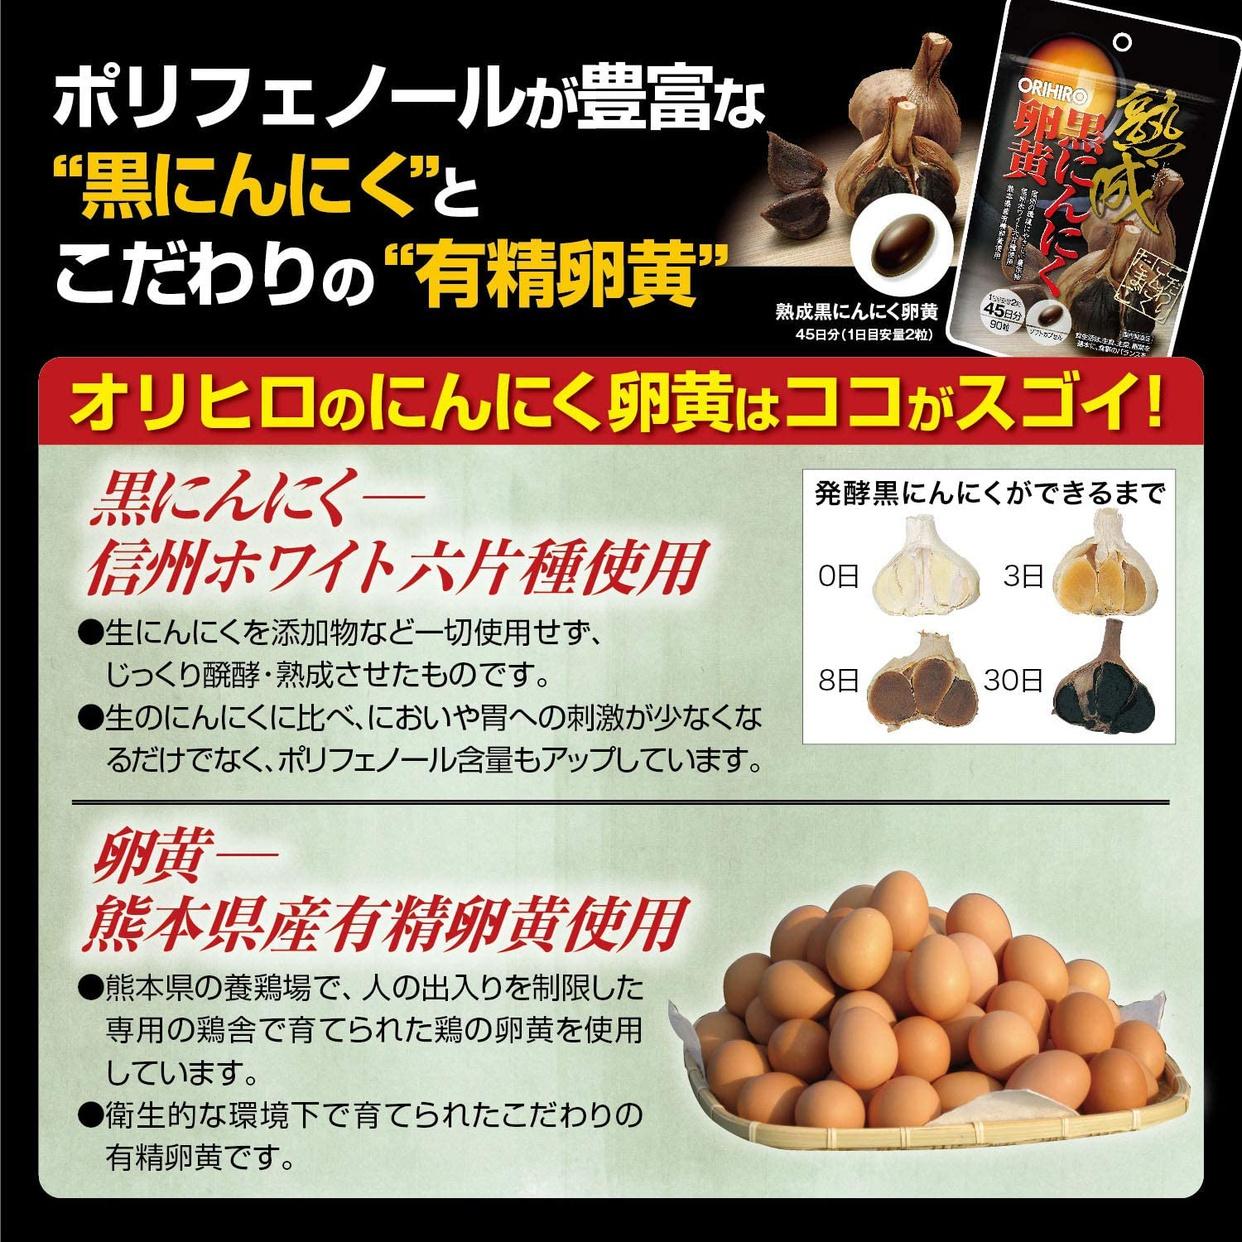 ORIHIRO(オリヒロ) 熟成黒にんにく卵黄カプセルの商品画像4